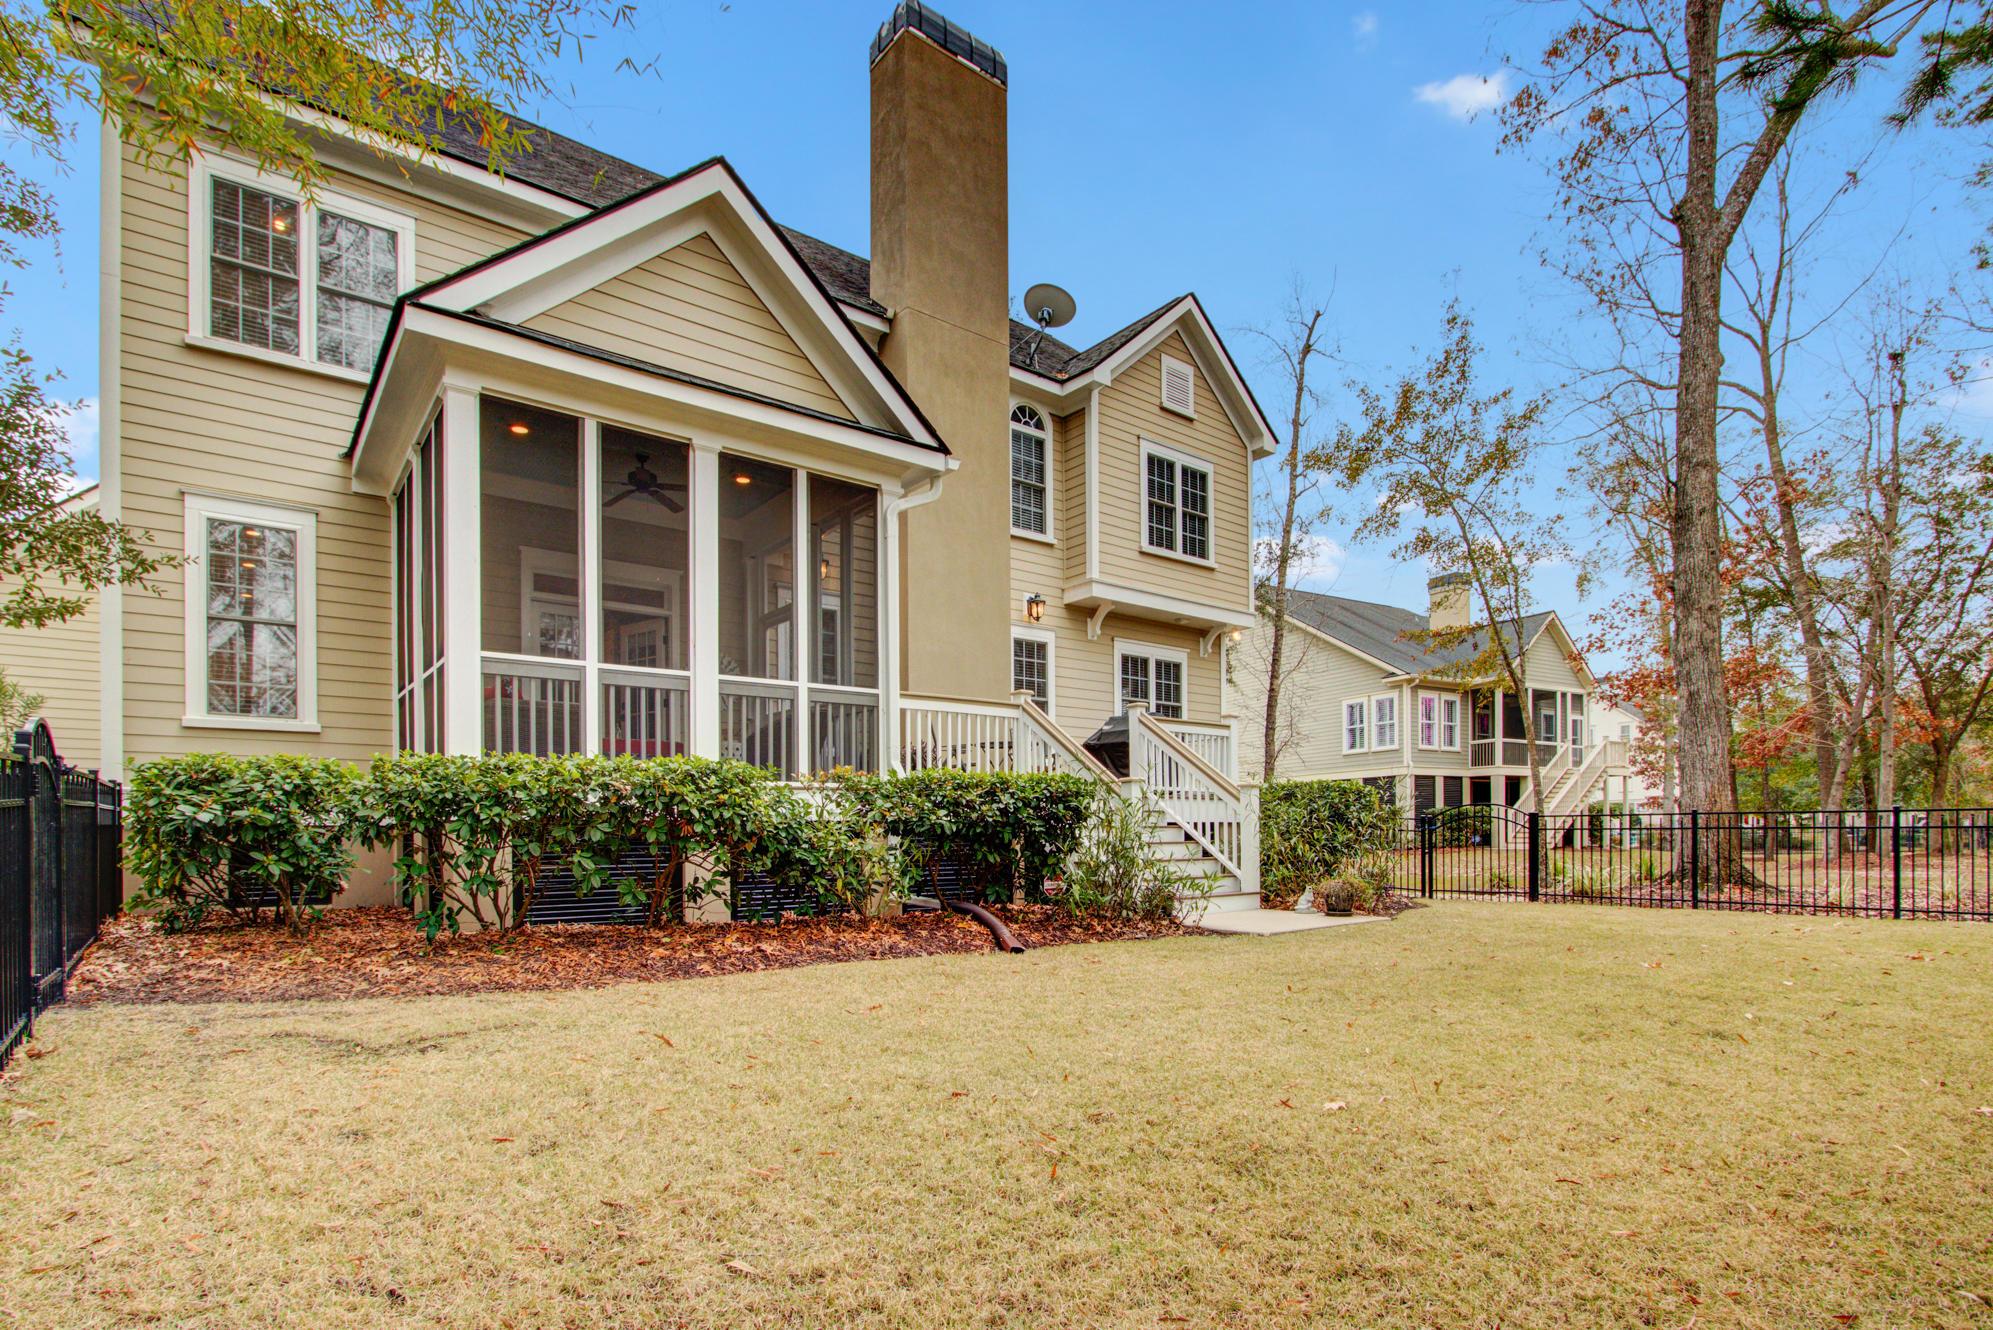 Park West Homes For Sale - 1527 Capel, Mount Pleasant, SC - 48